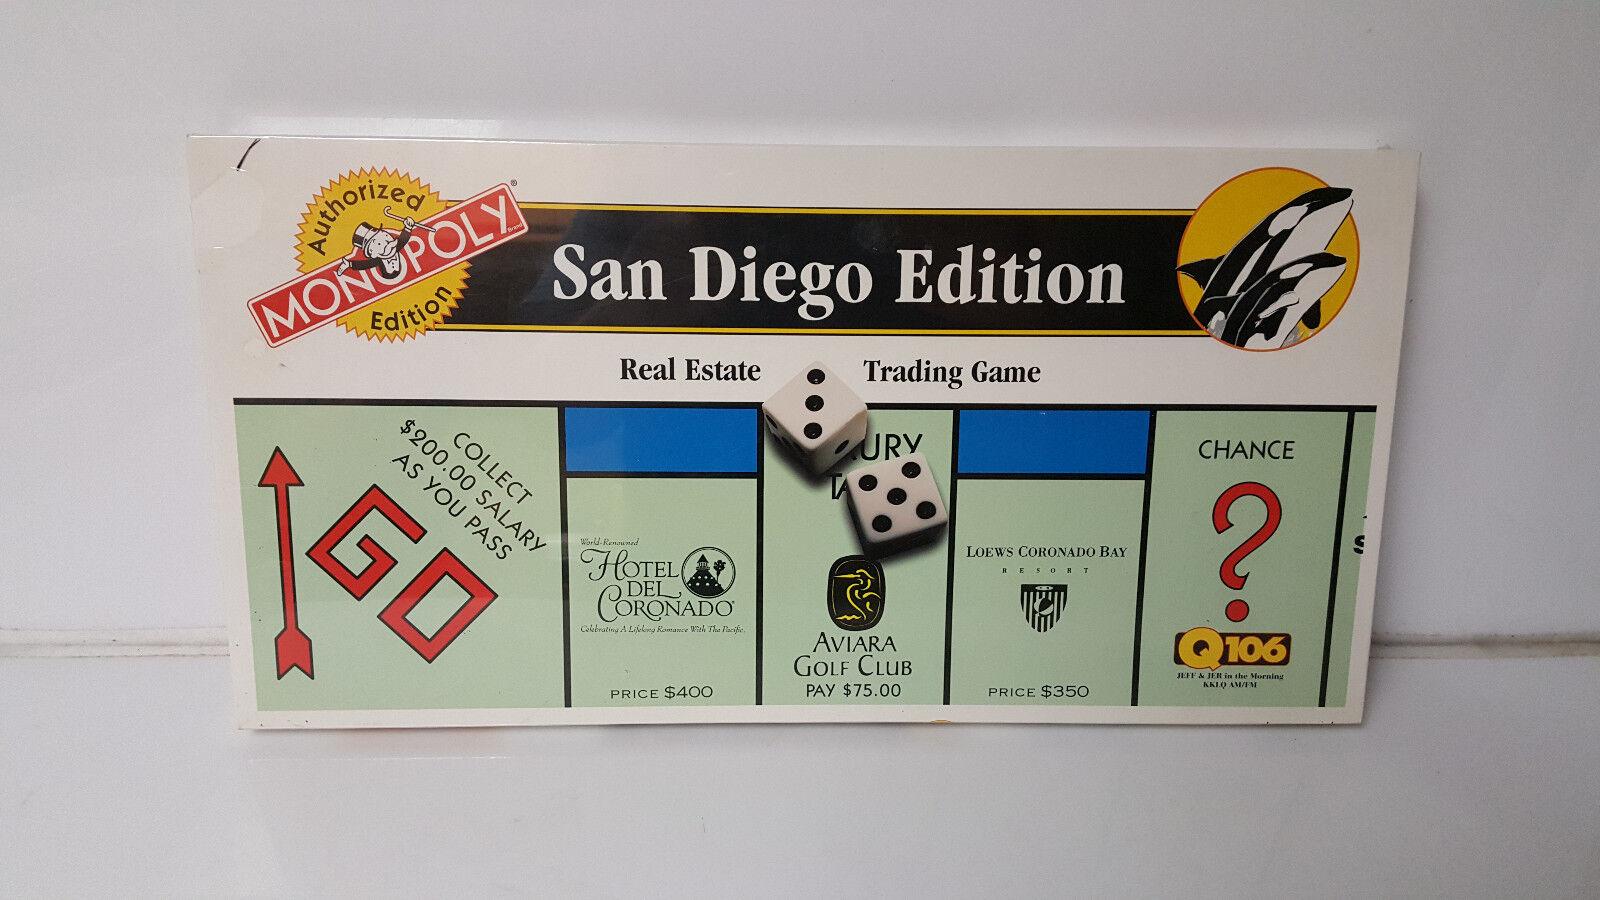 Monopoly San Diego Edition Older Hotel Del Coronado New Sealed